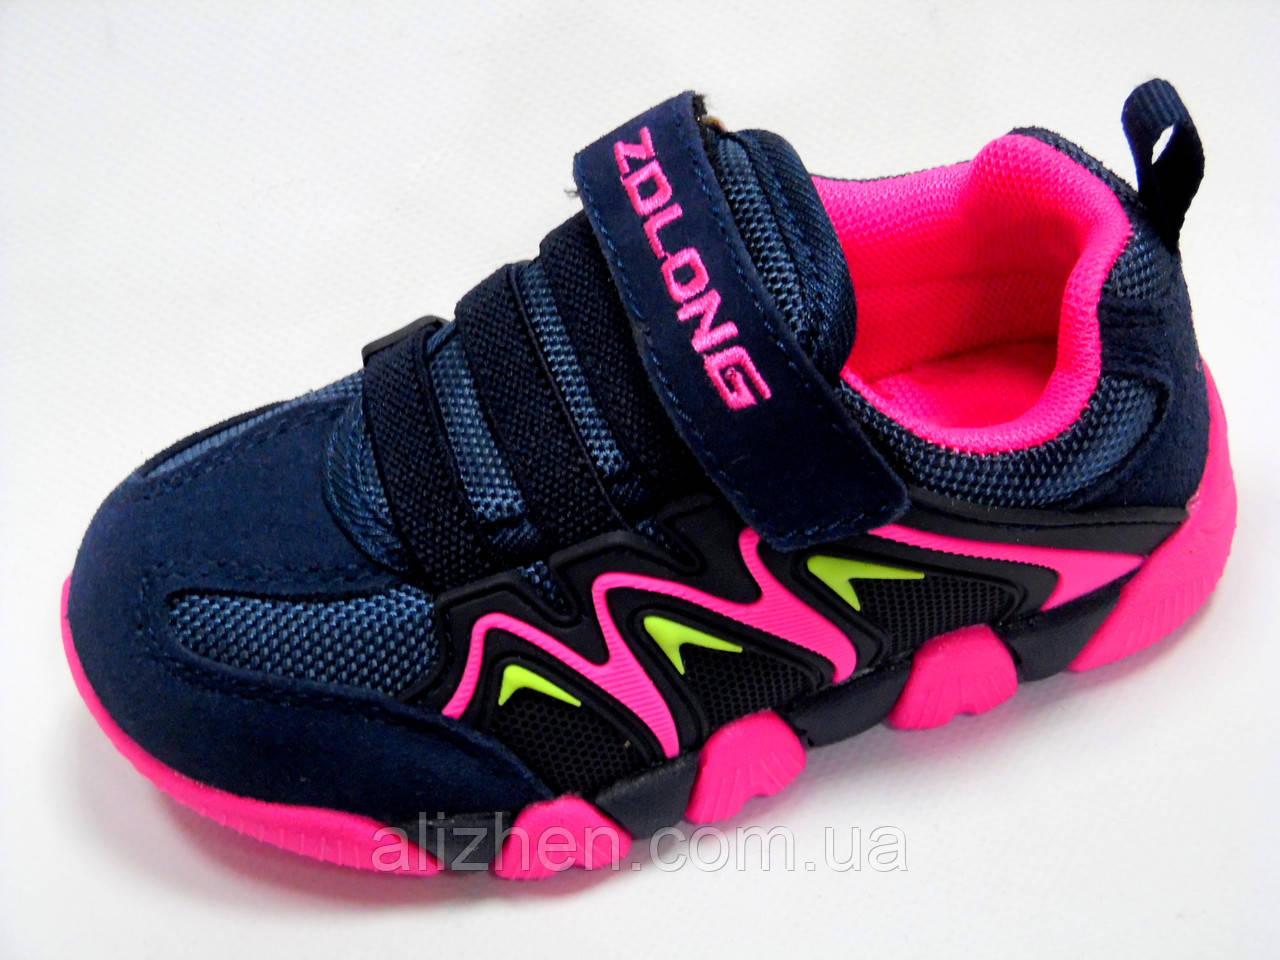 Детские замшевые кроссовки для девочки тм ZOLONG, размер , синие.